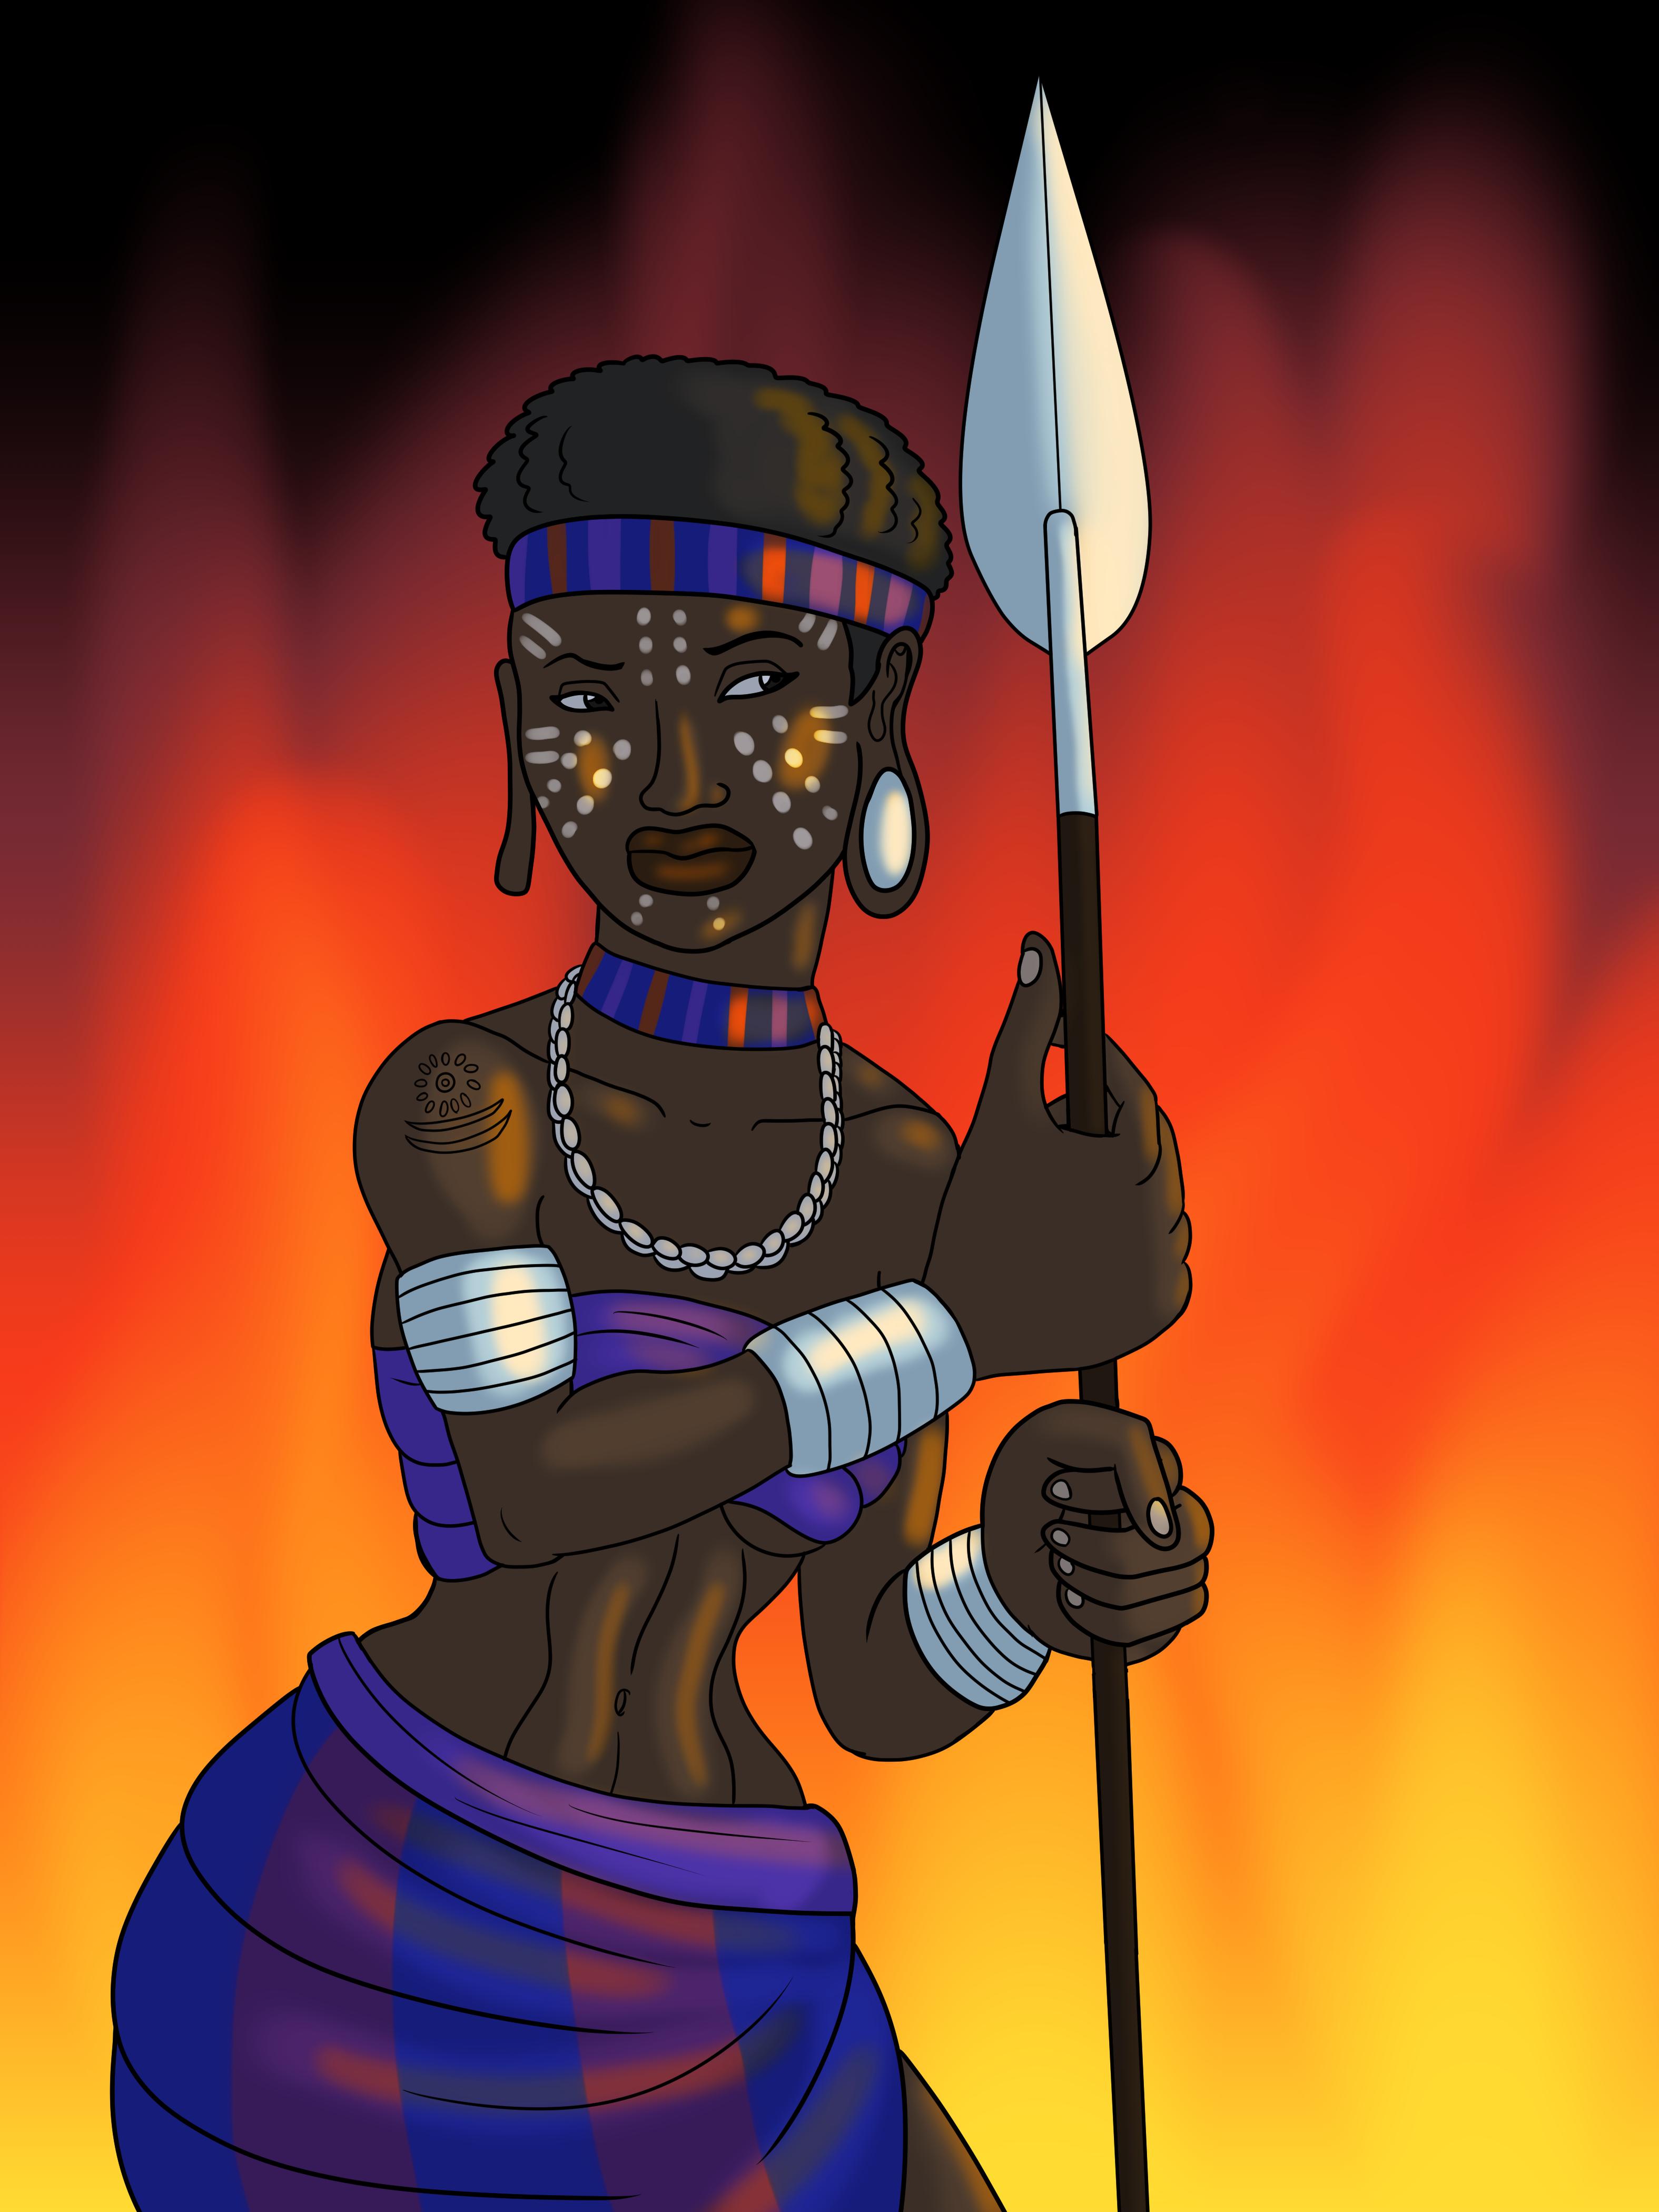 Gudit the Ethiopian Conqueror